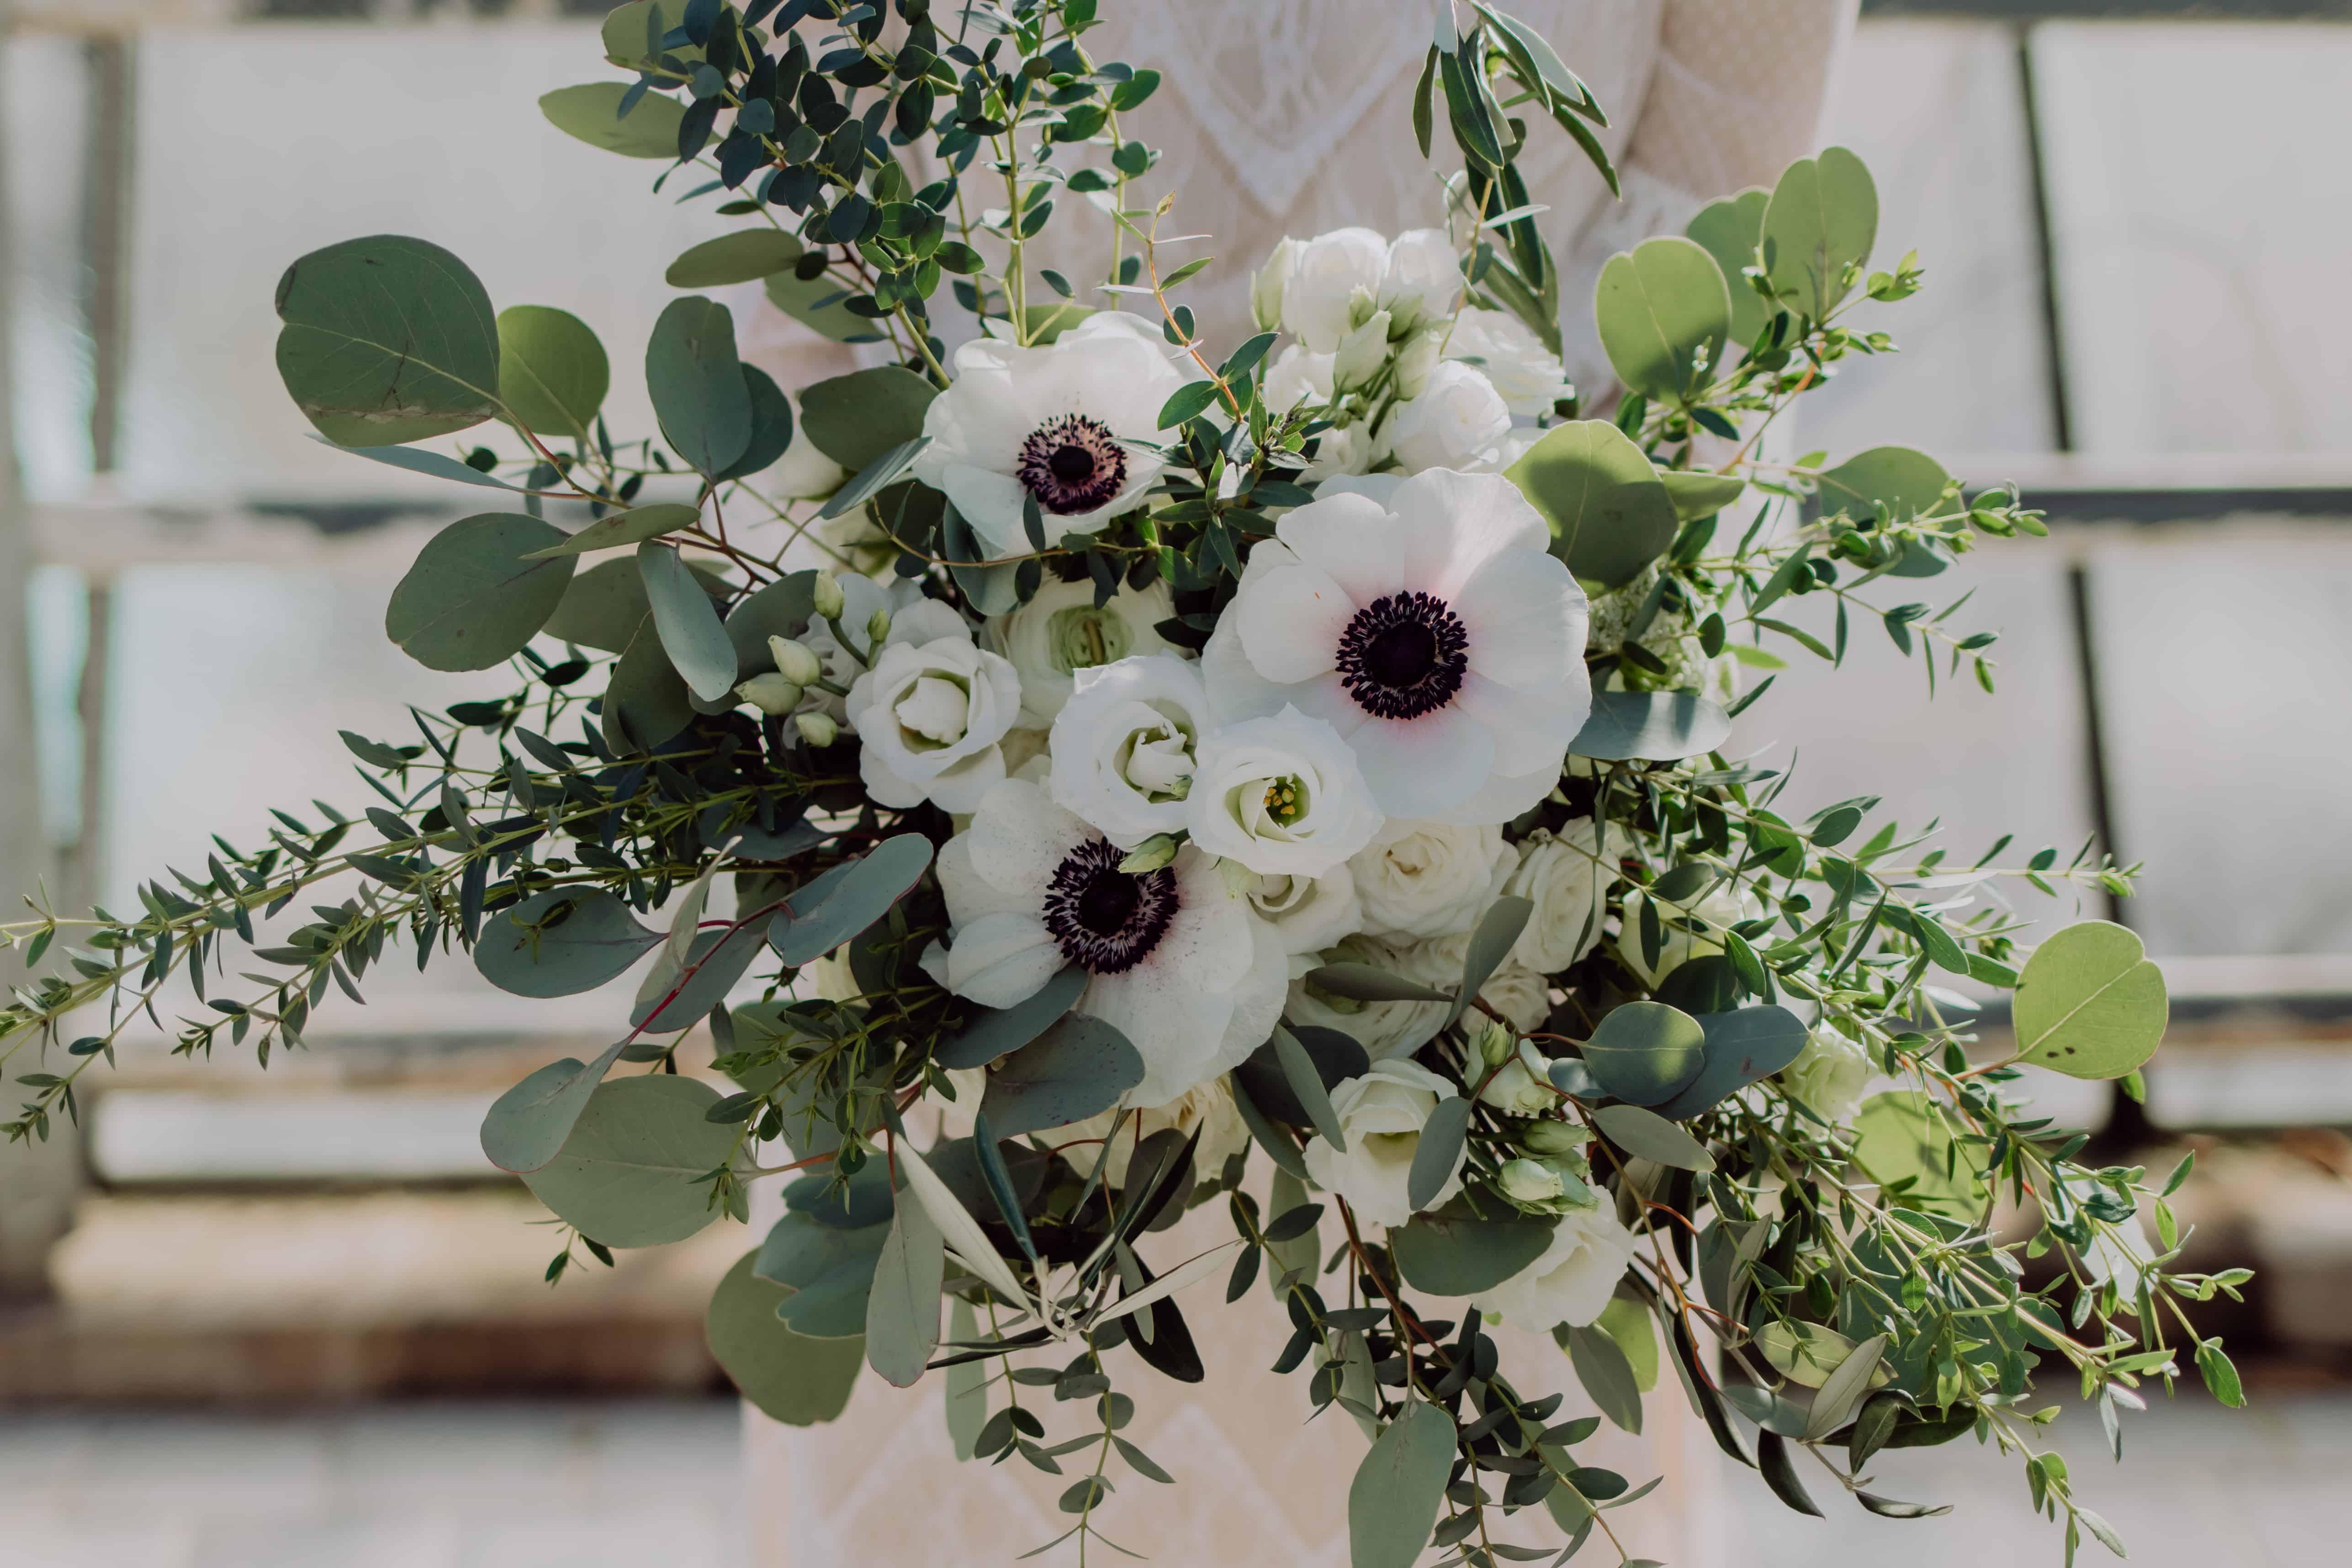 Hochzeitsfloristik wild und locker gebundener Brautstrauß mit Anemone, Eucalyptus, Ranunkel für Greenery Wedding und Blumen aus einem Garten Pfaffenhofen